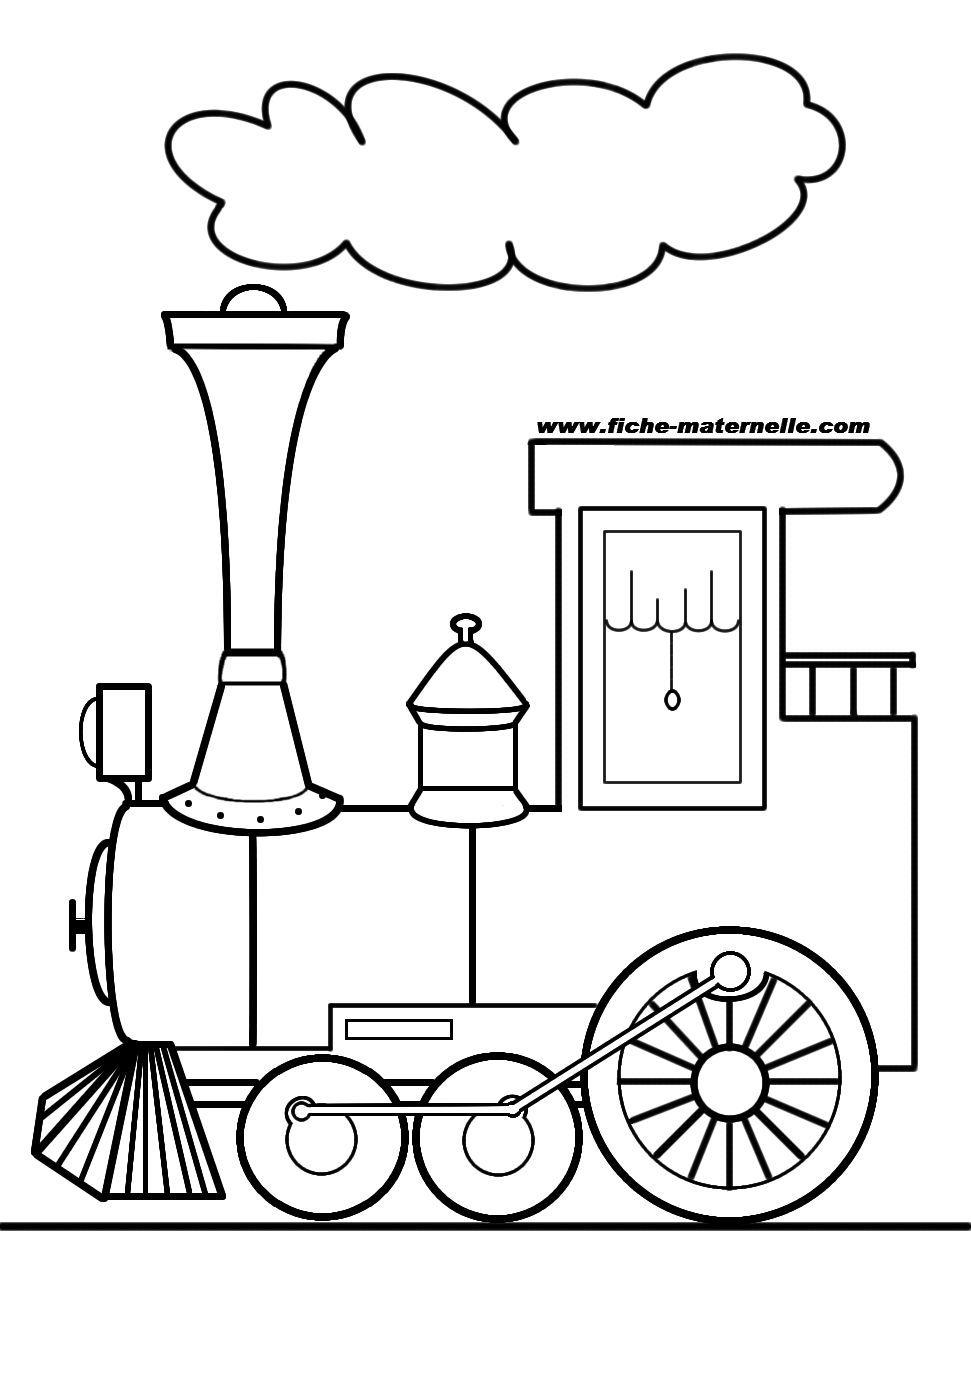 dessin à colorier gratuit de locomotive